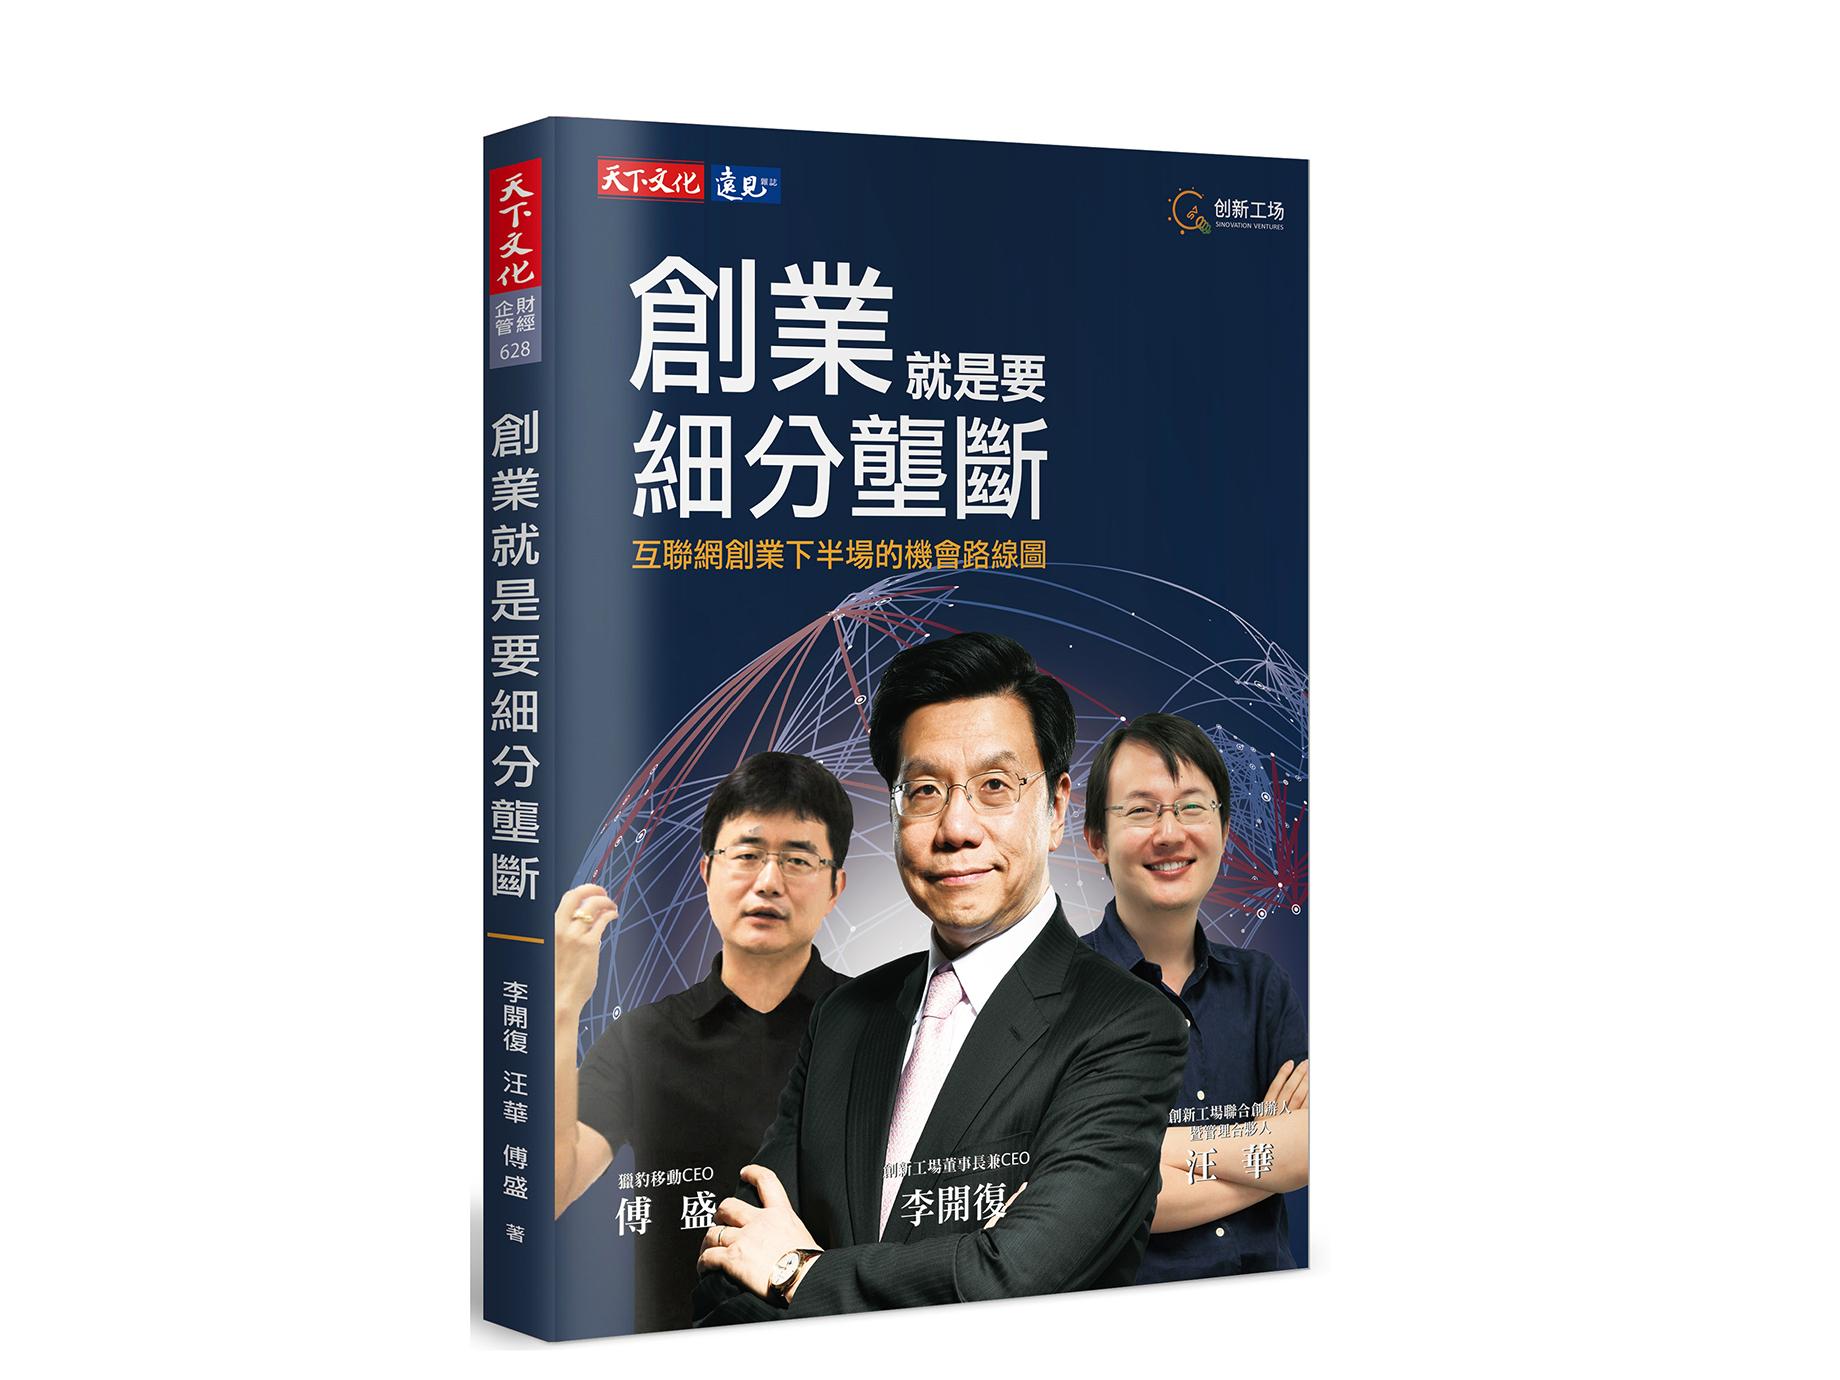 新書搶先看》李開復:「壟斷」而非「競爭」才是互聯網的核心